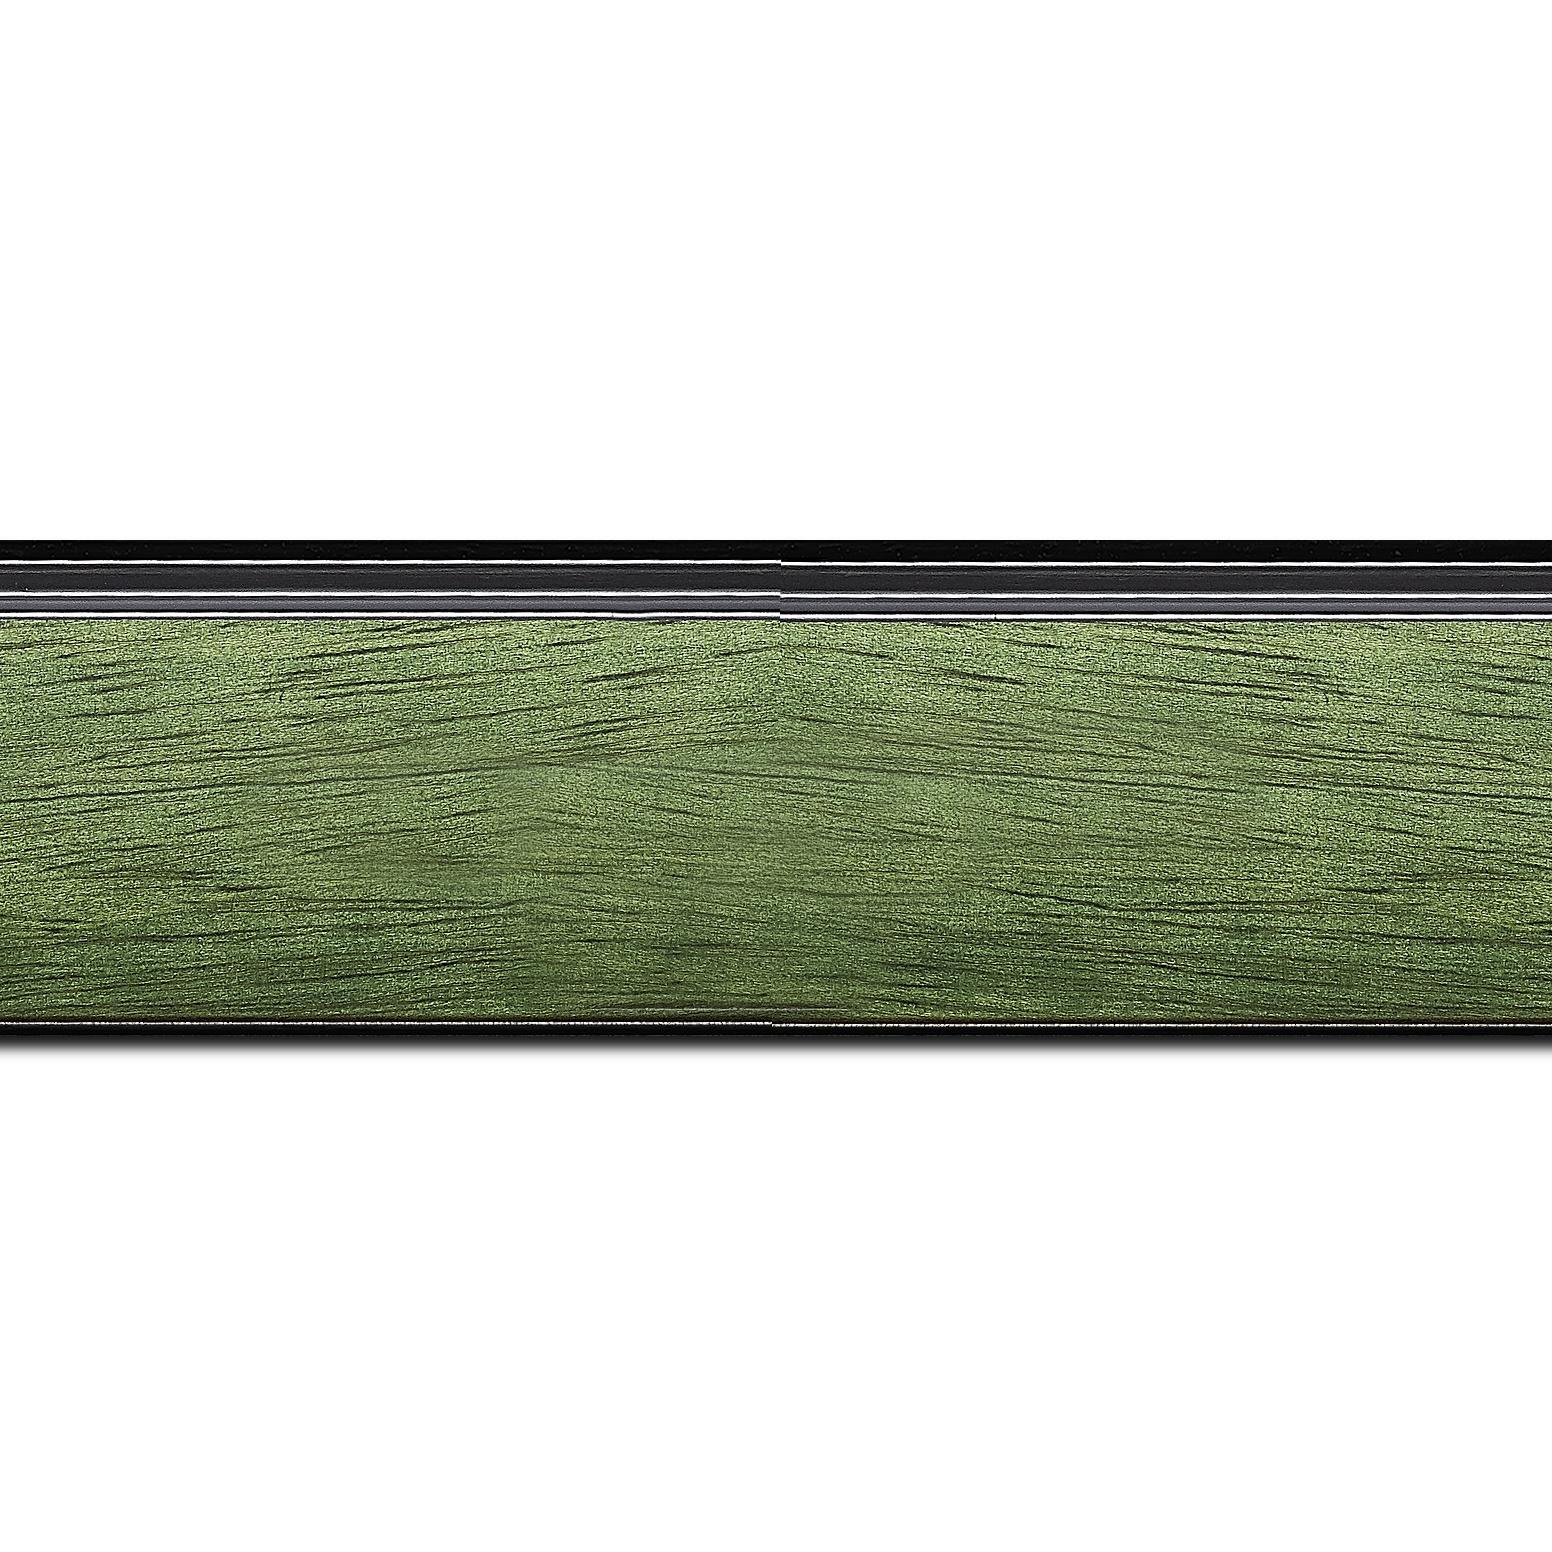 Pack par 12m, bois profil incliné en pente largeur 4.8cm couleur vert sapin satiné surligné par une gorge extérieure noire : originalité et élégance assurée (longueur baguette pouvant varier entre 2.40m et 3m selon arrivage des bois)